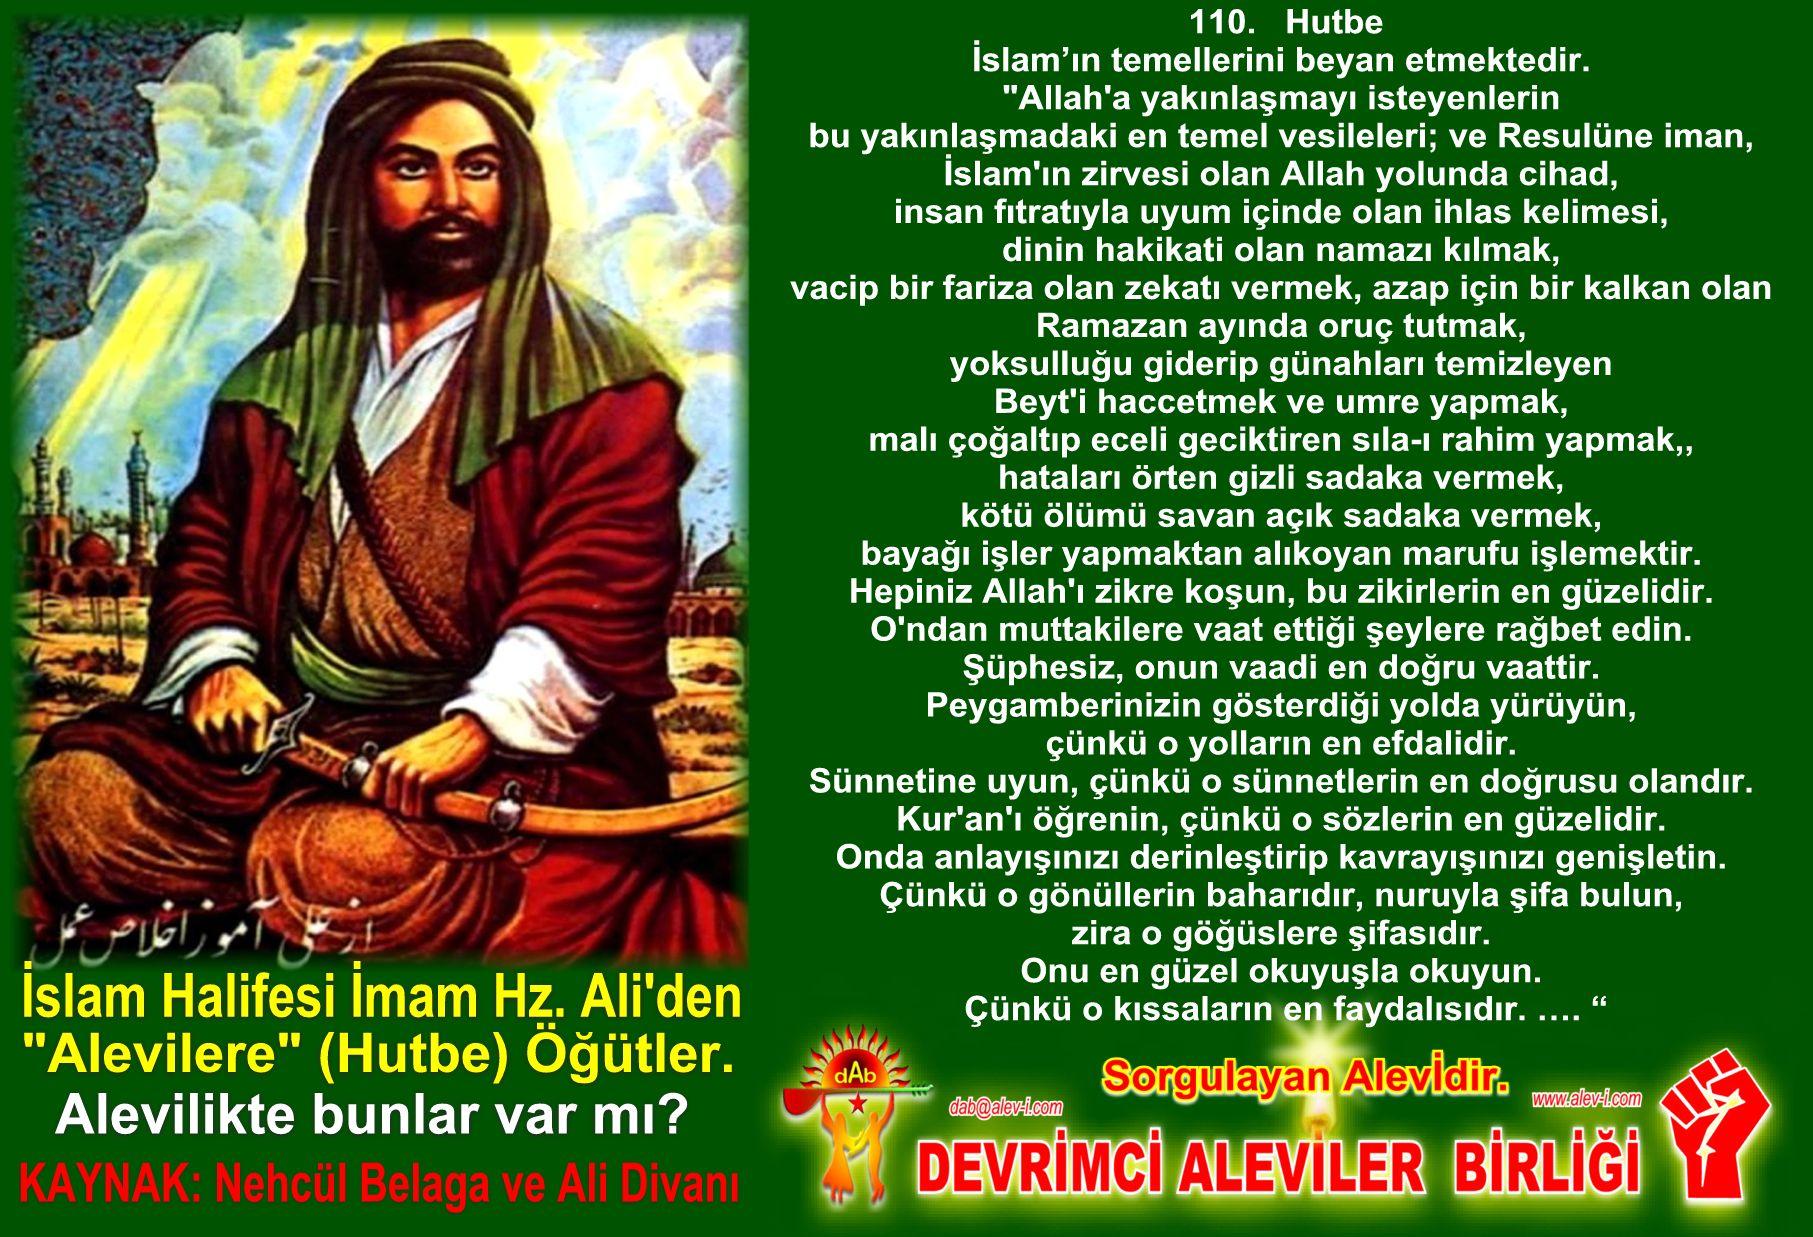 12 Hz imam Ali divani Alevi bektasi kizilbas pir sultan cemevi cem semah devrimci aleviler birligi DAB Feramuz Sah Acar halife imam hz ali den inciler 5